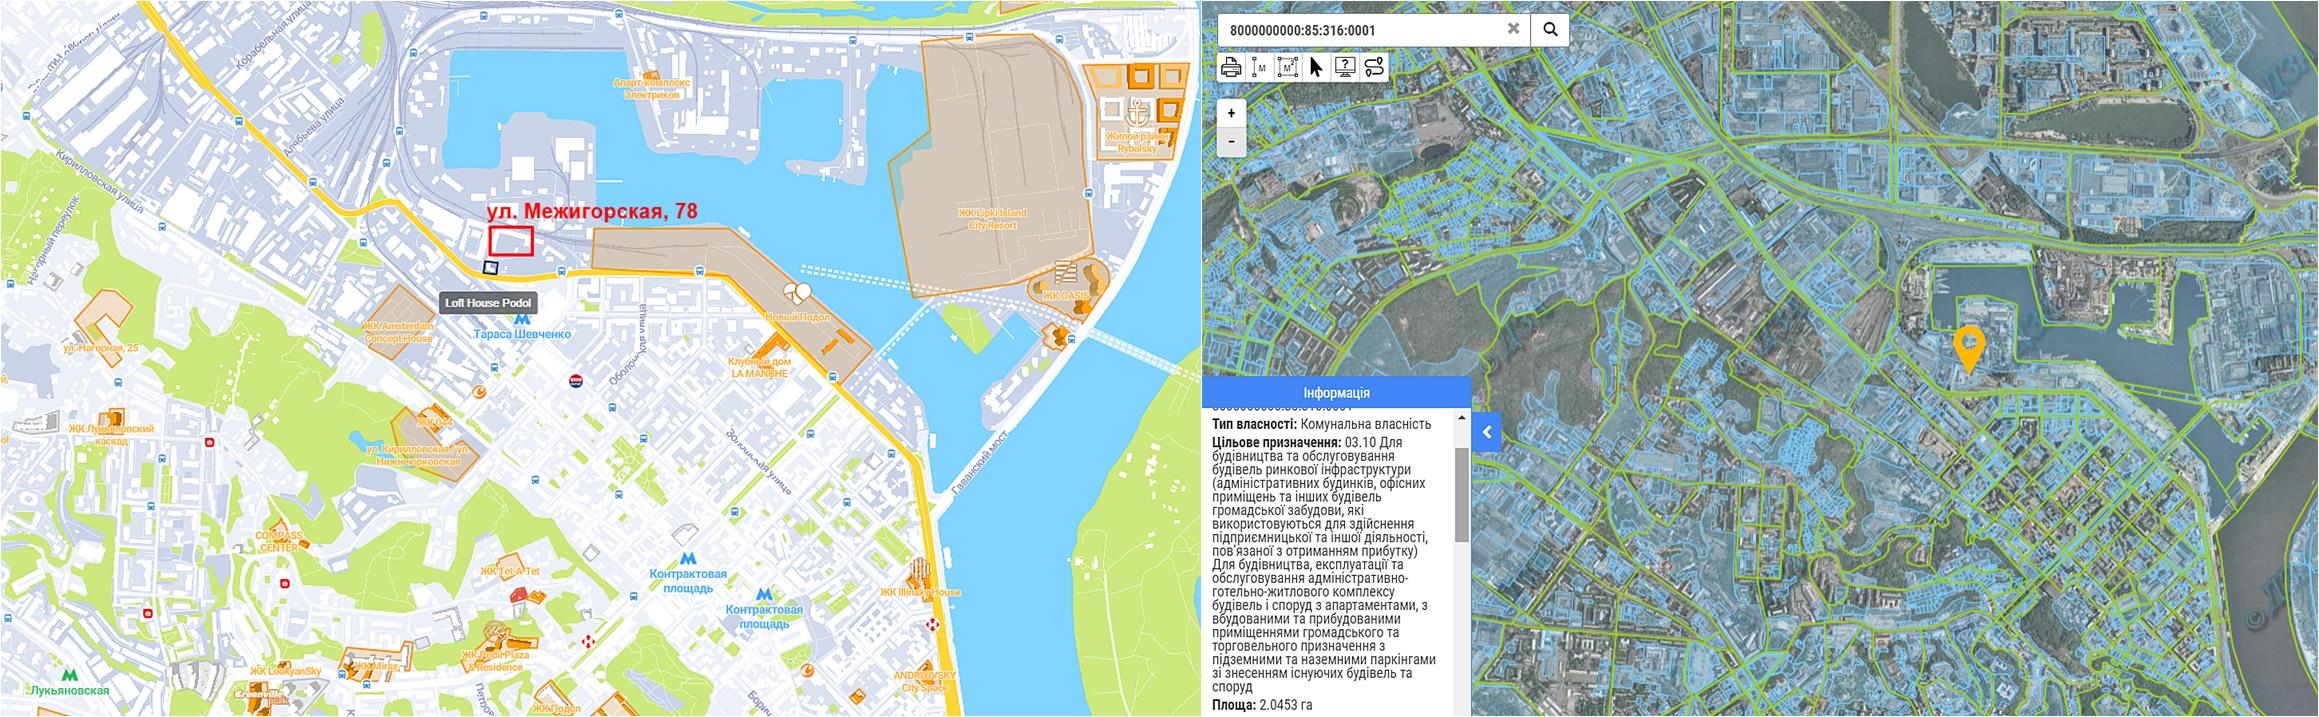 Проект реконструкции по ул. Межигорская, 78 данные кадастра и на карте